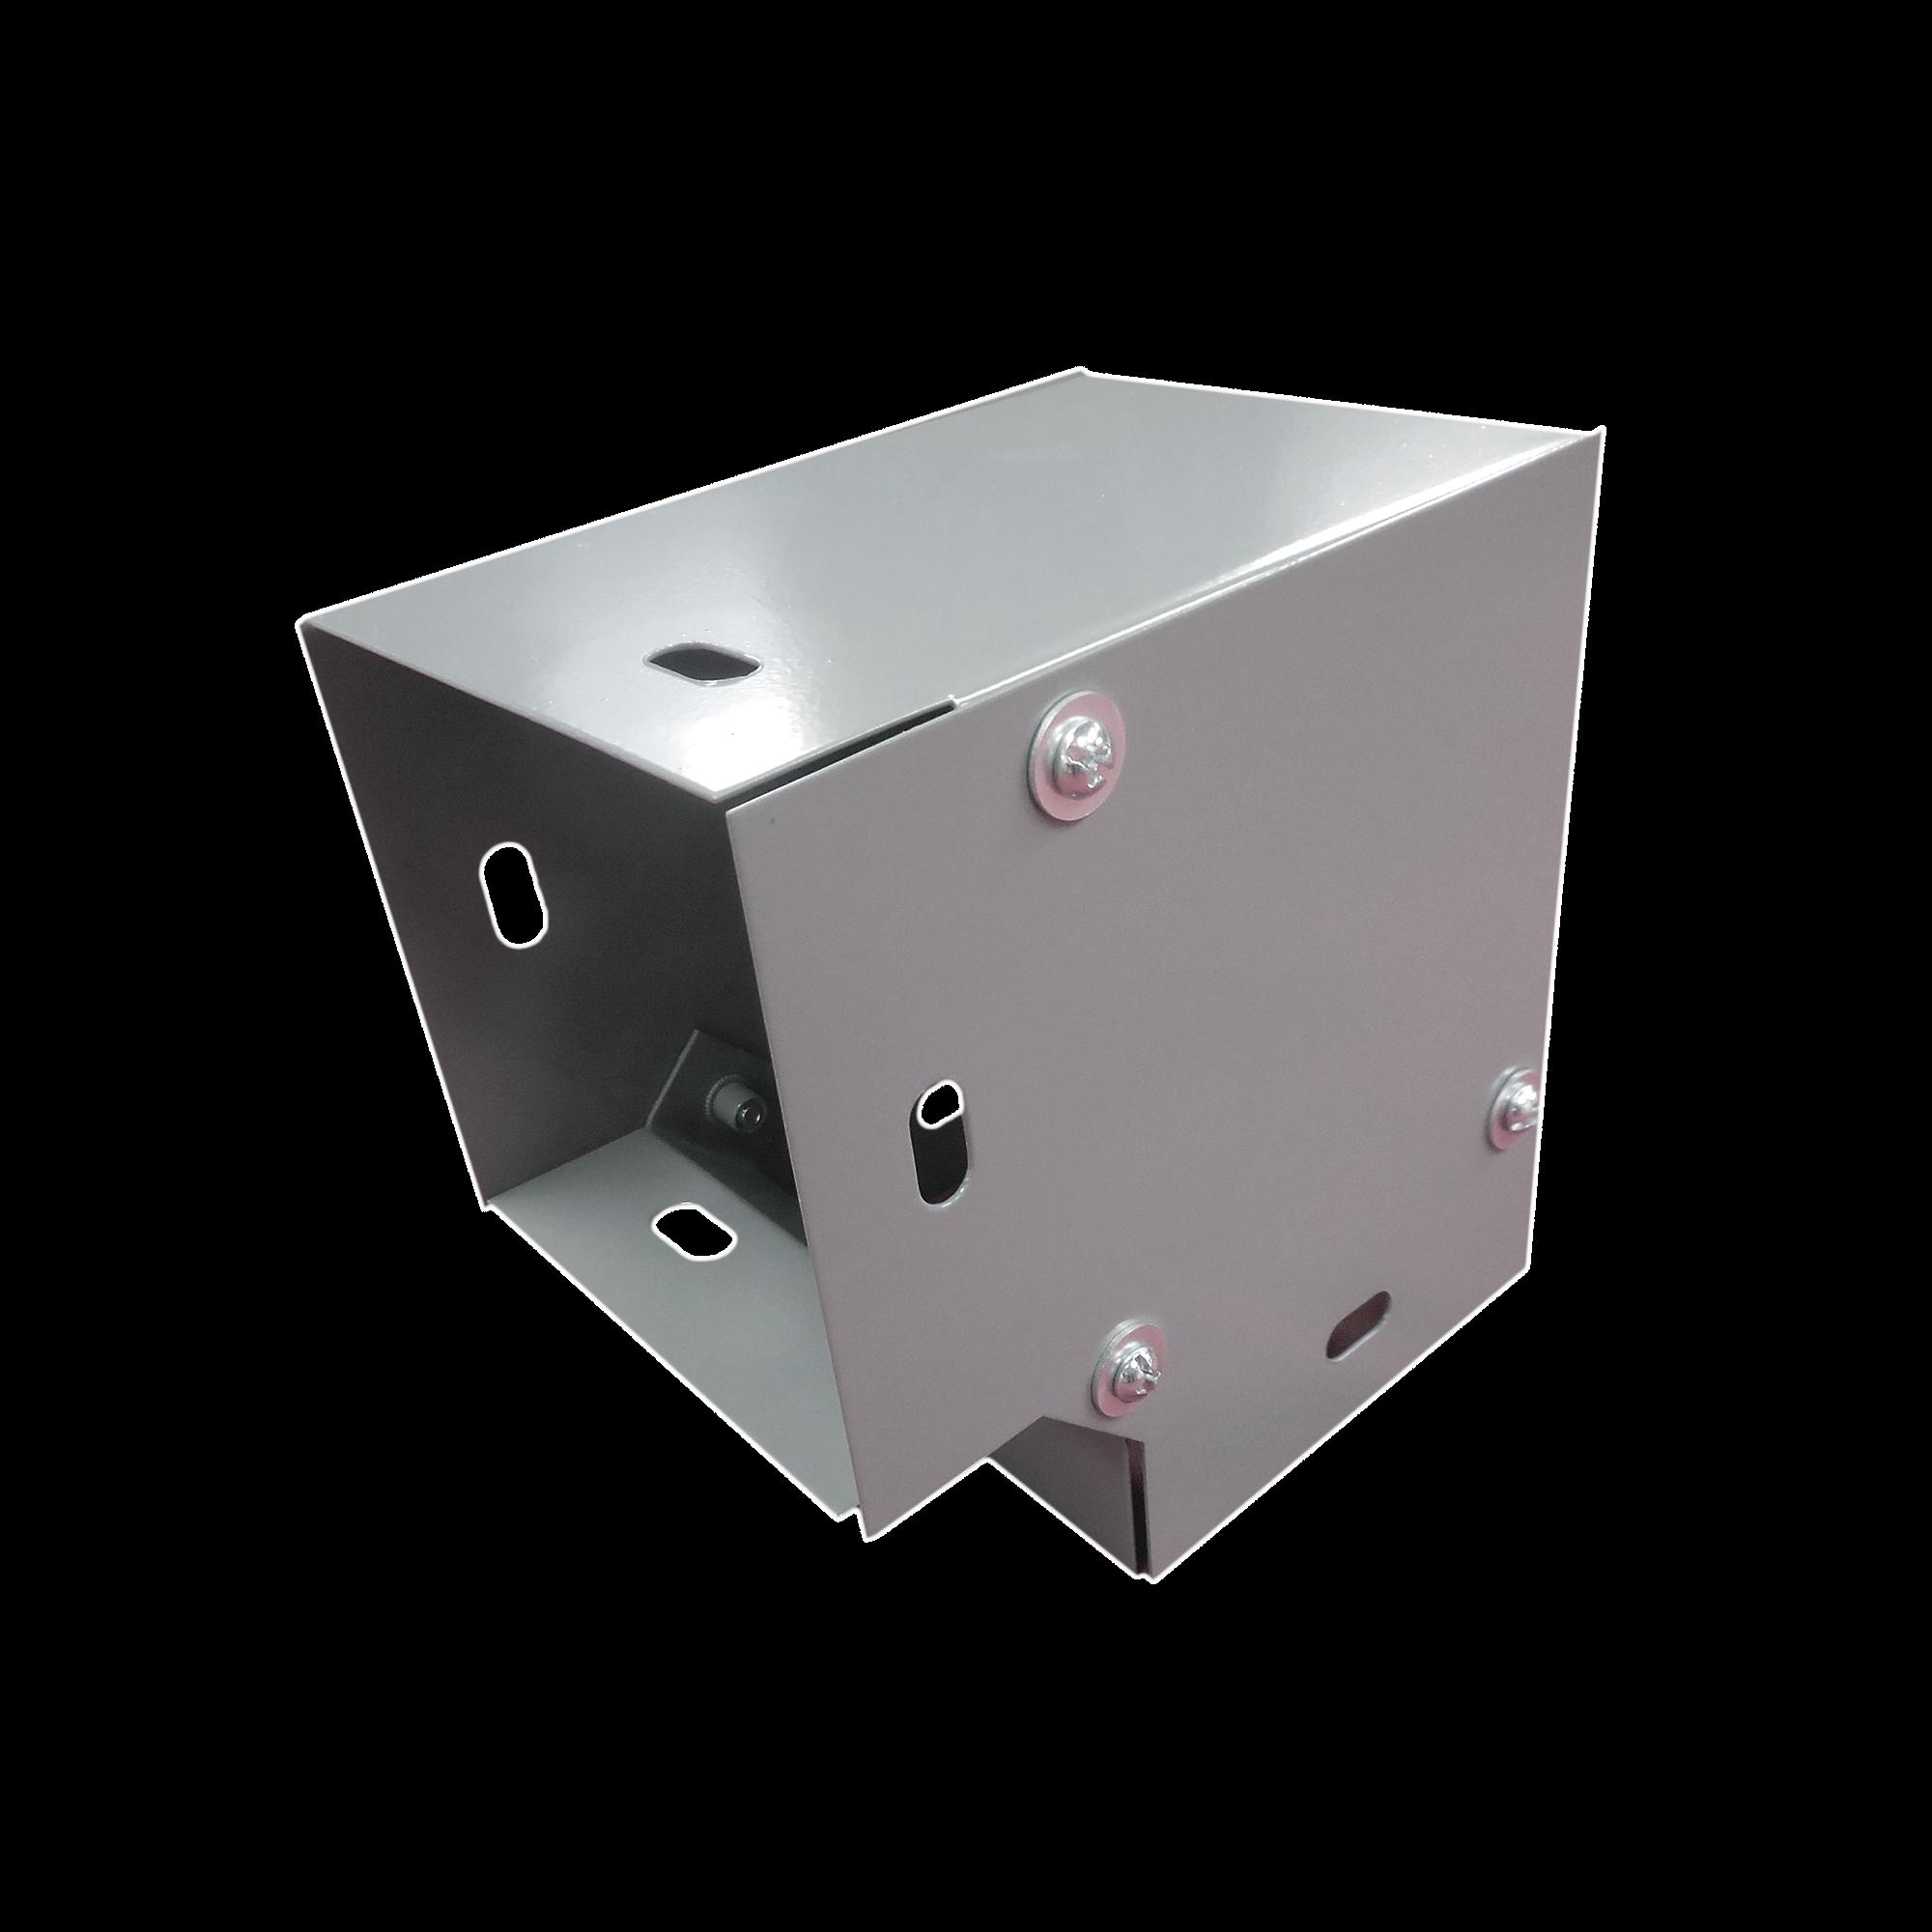 Derivación codo horizontal de 90 grados 65 x 65 mm, fabricado en lámina de acero al carbón